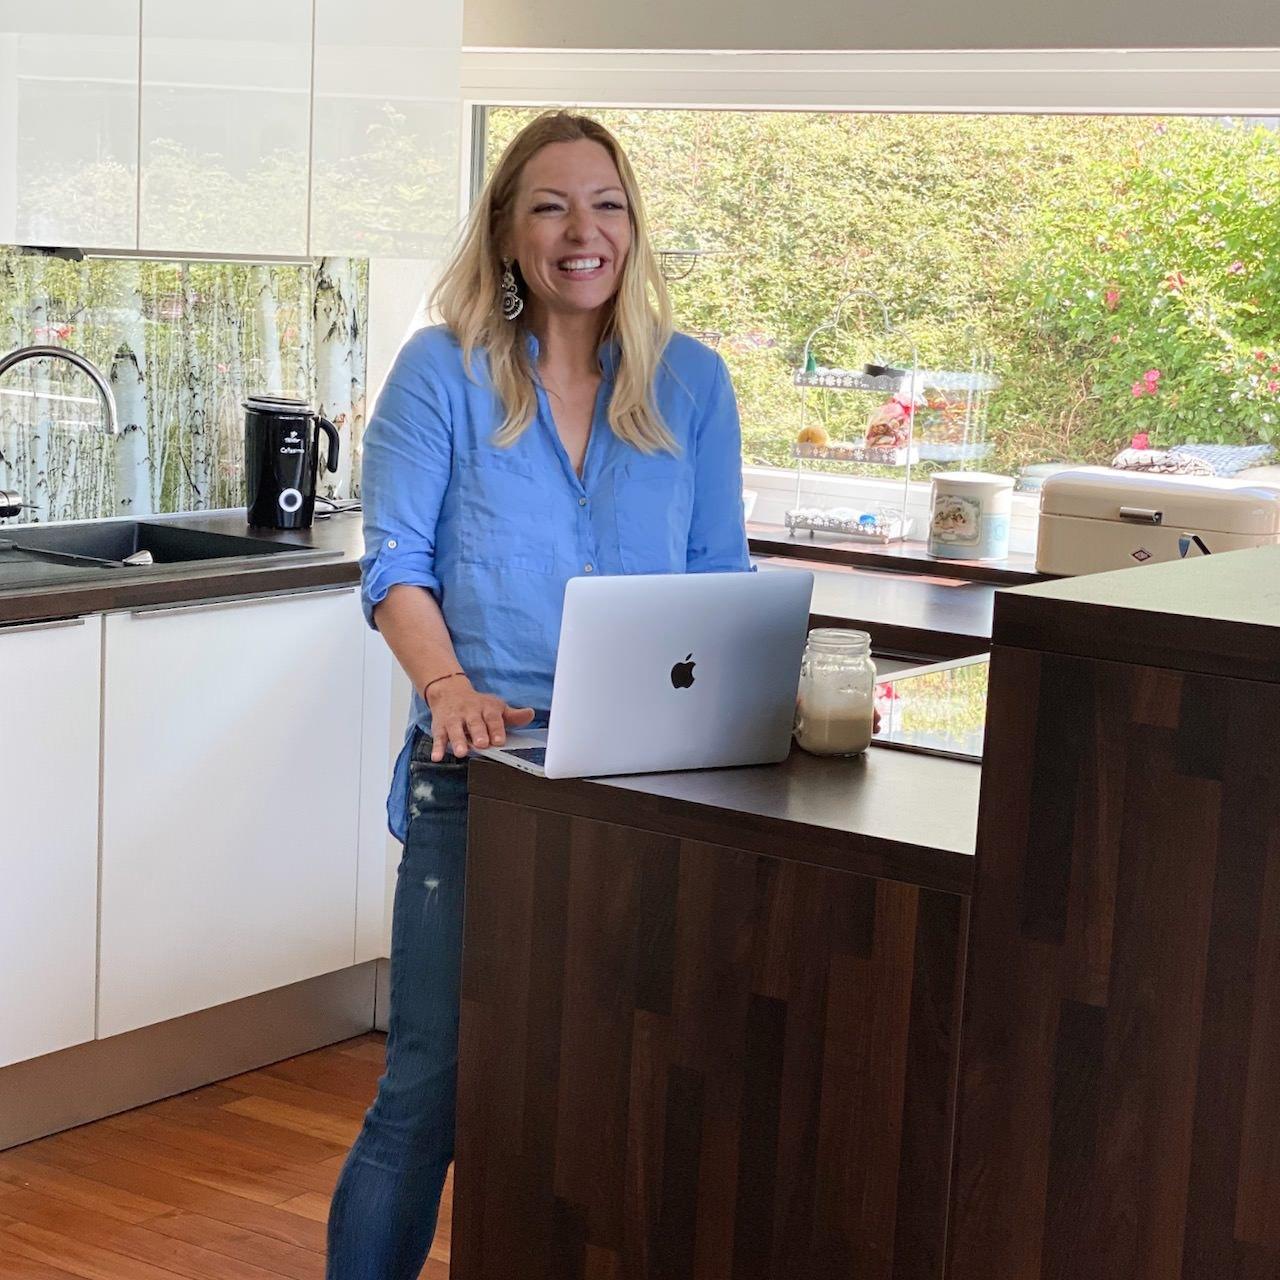 Home Office Tipps für mehr Selbstmotivation